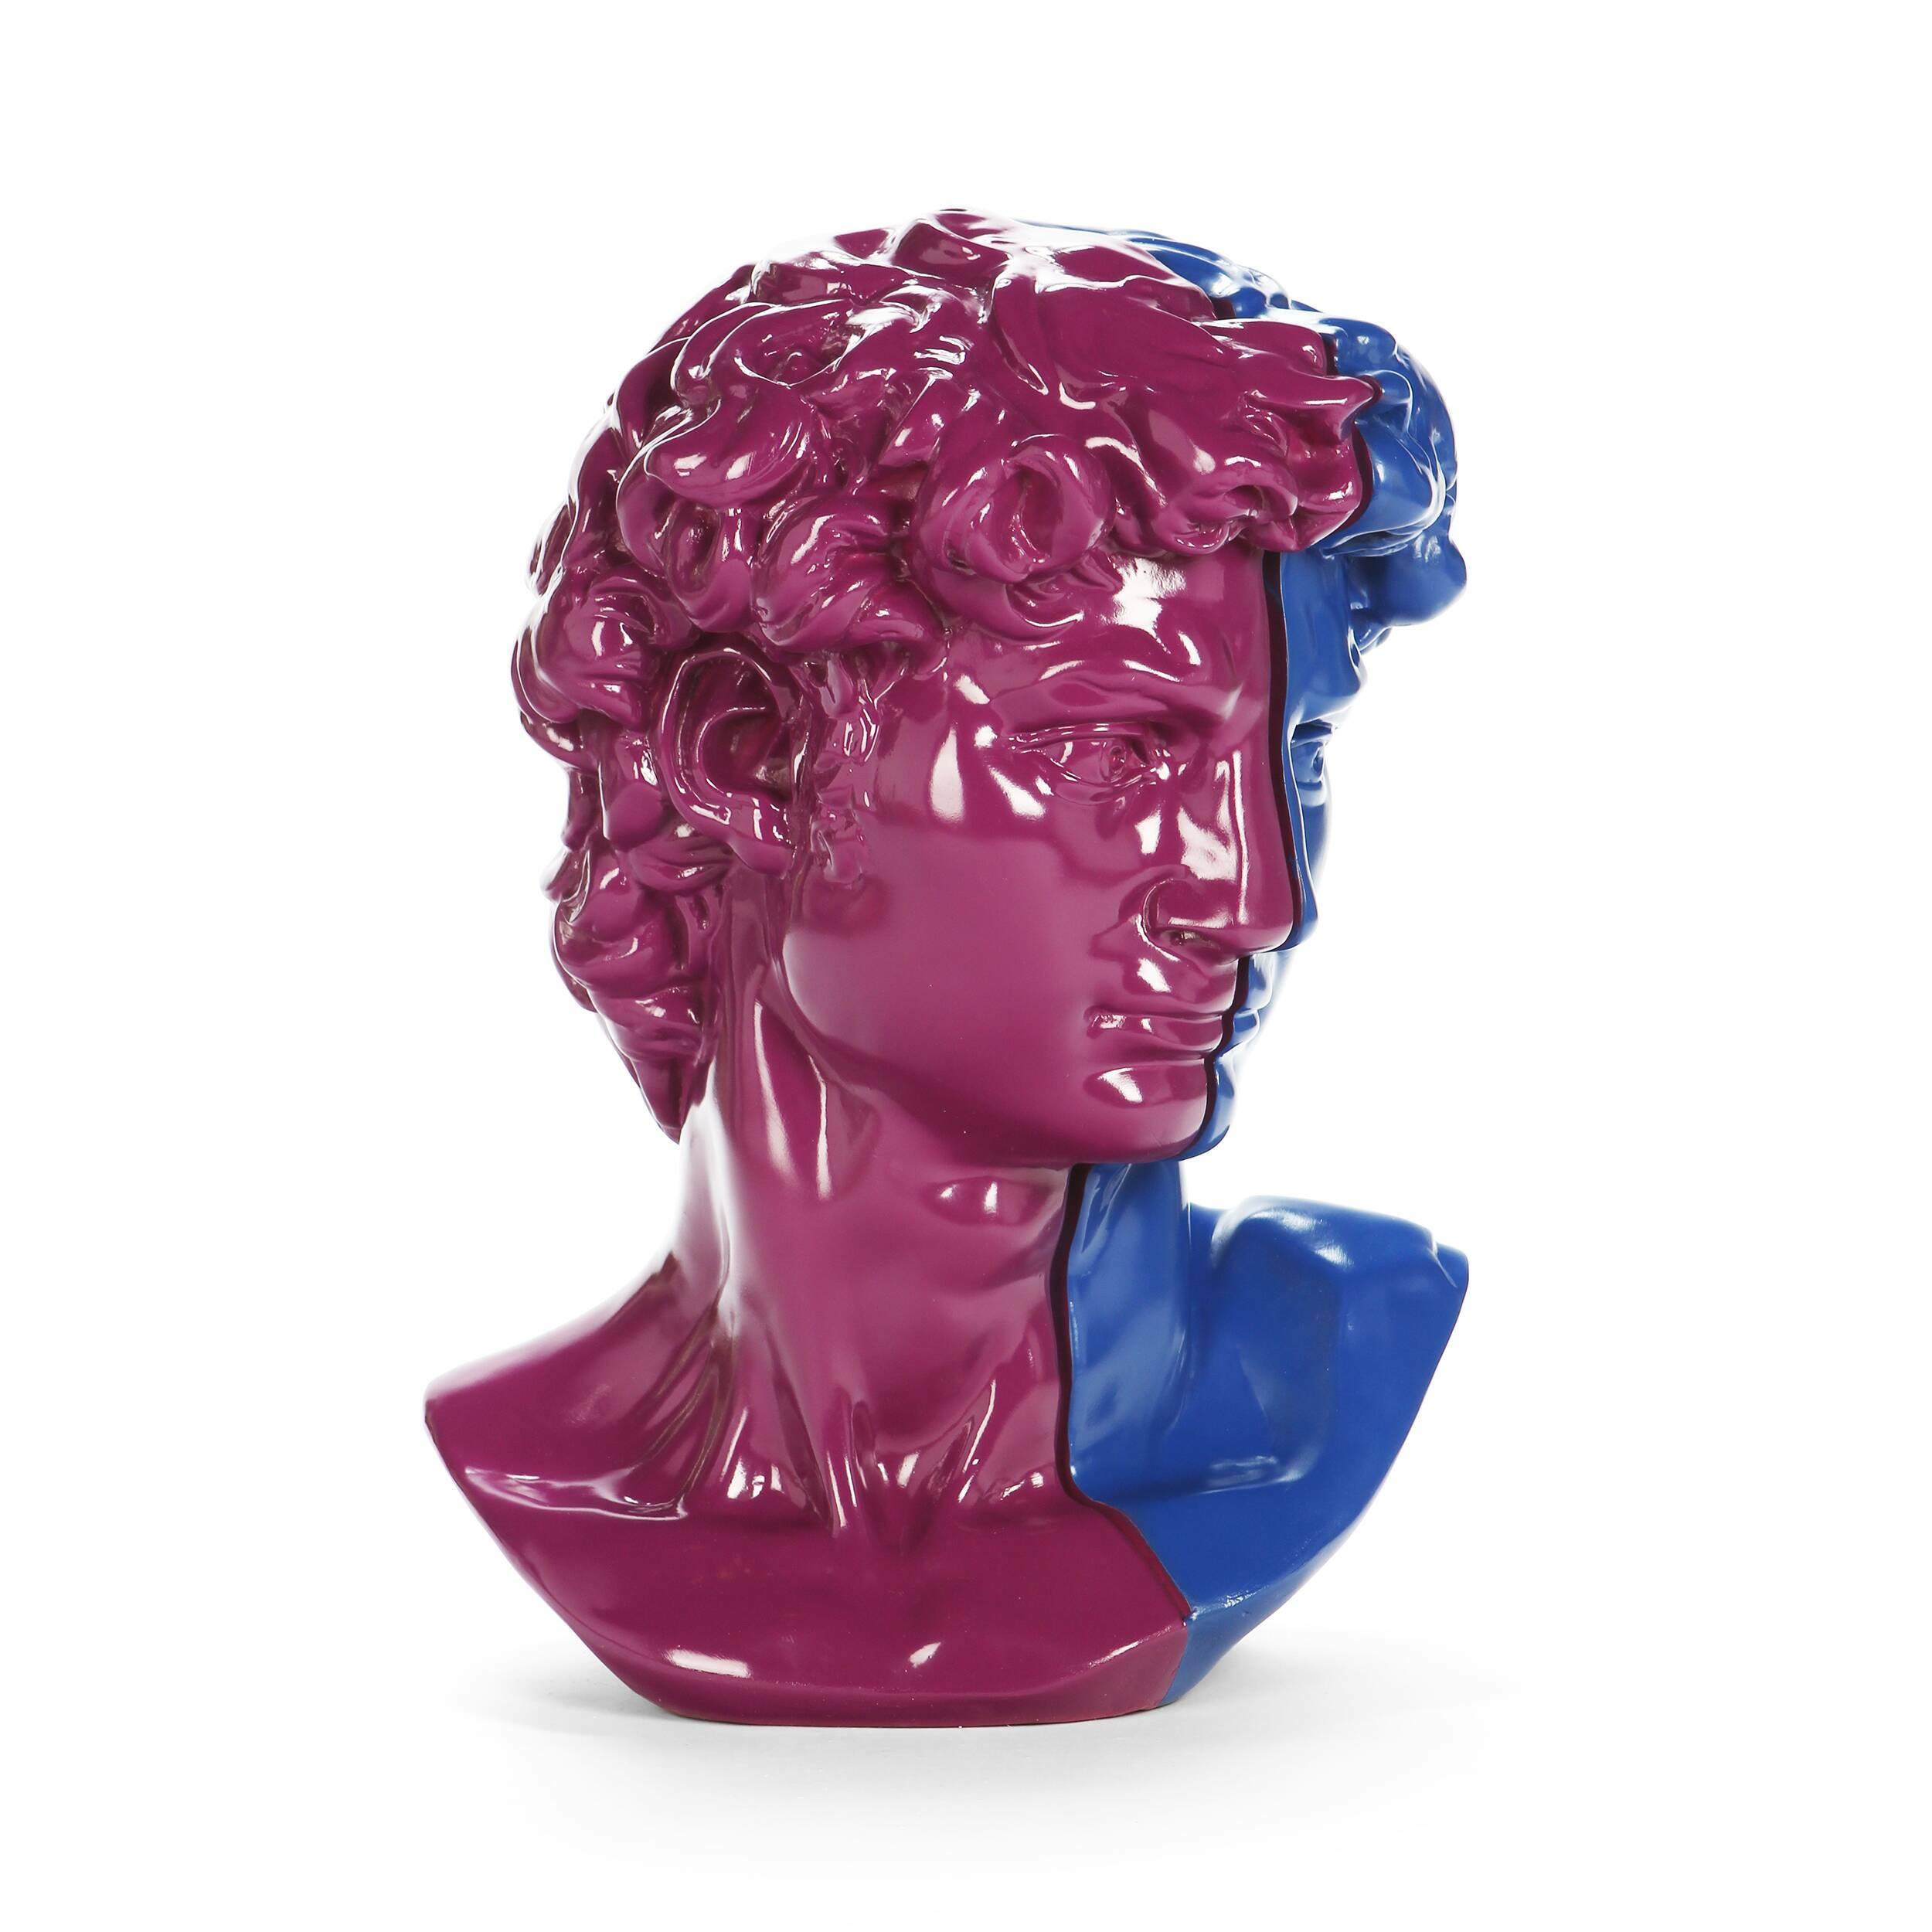 Статуэтка Antinous пурпурно-синяяНастольные<br>Дизайнерская высокая сине-фиолетовая статуэтка Antinous (Антинус) из полистоуна в форме бюста Антиноя от Cosmo (Космо).Оригинальная статуэтка Antinous пурпурно-синяя — экставагантно, но стильно! <br> <br> Этот предмет декора, как и прочие «собратья» в других цветовых исполнениях, популярные гости многих столичных заведений. Они украшают фойе гостиниц и обеденные залы некоторых ресторанов. В таком варианте не возникает сомнений: перед вами стиль китч. Как и многие современные направления в интерье...<br><br>stock: 1<br>Высота: 59<br>Ширина: 39<br>Материал: Полистоун<br>Цвет: Фиолетовый<br>Длина: 45<br>Цвет дополнительный: Синий